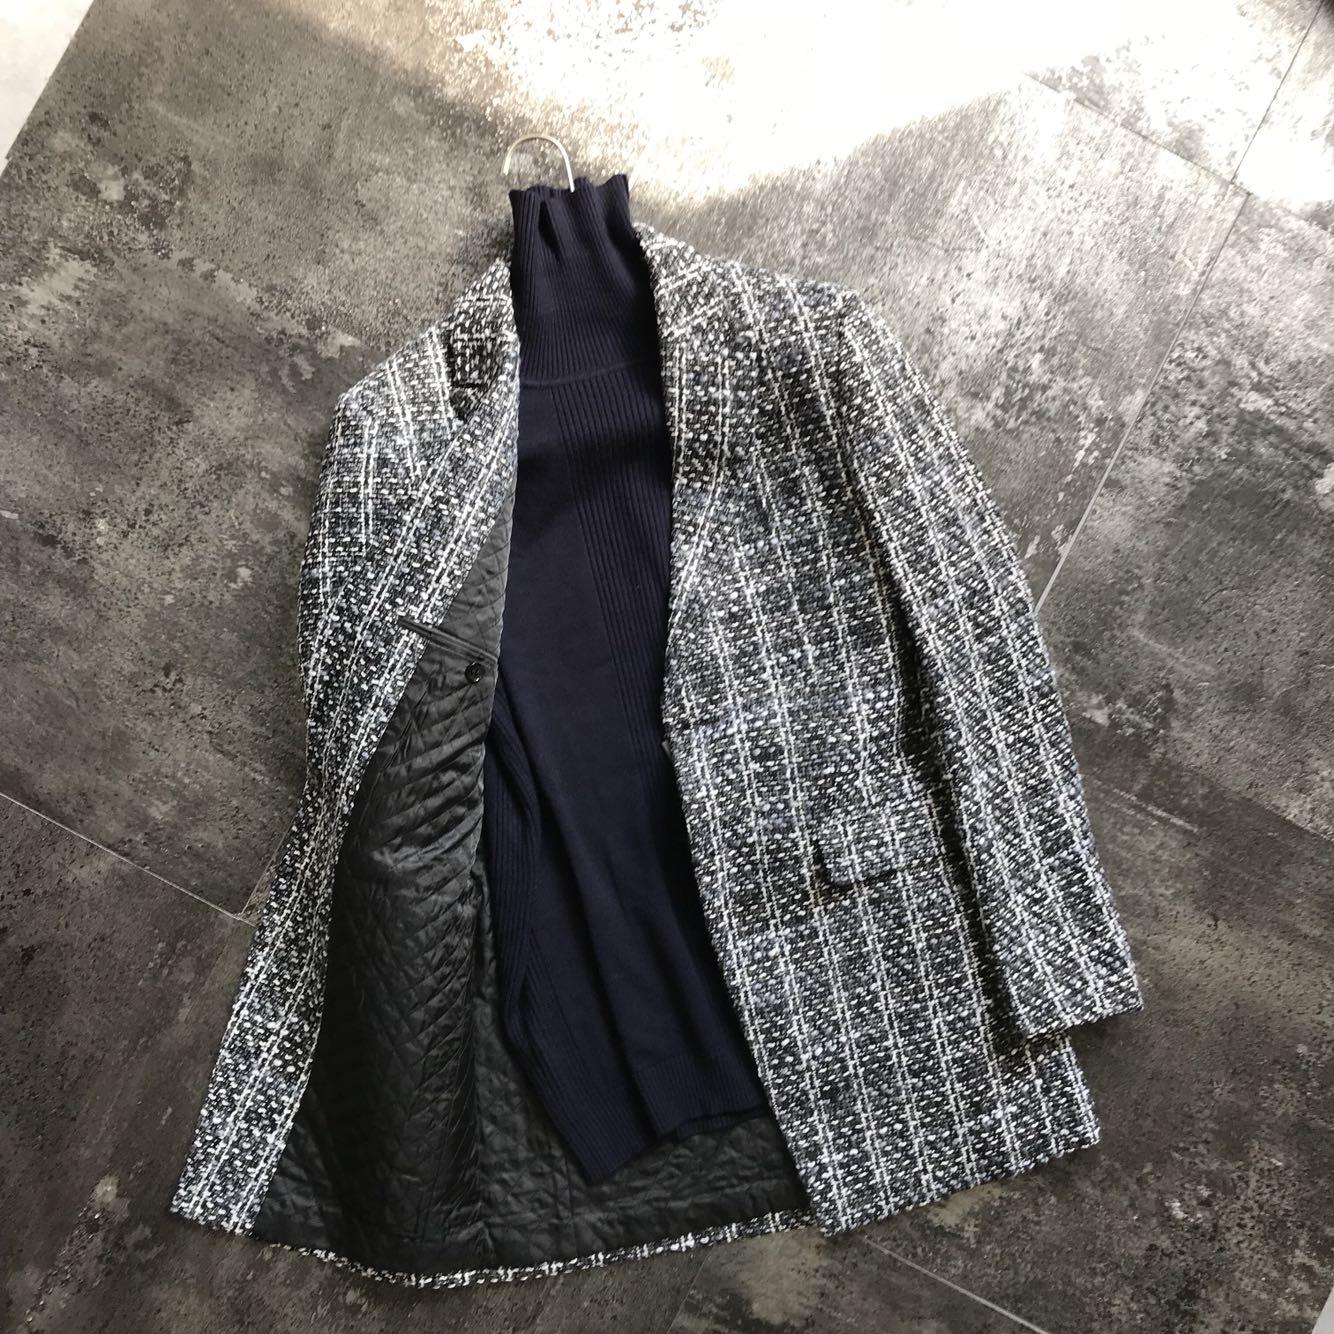 容易刮线 精品 男士韩版秋冬西装领大衣外套中长款 粗犷复古织花